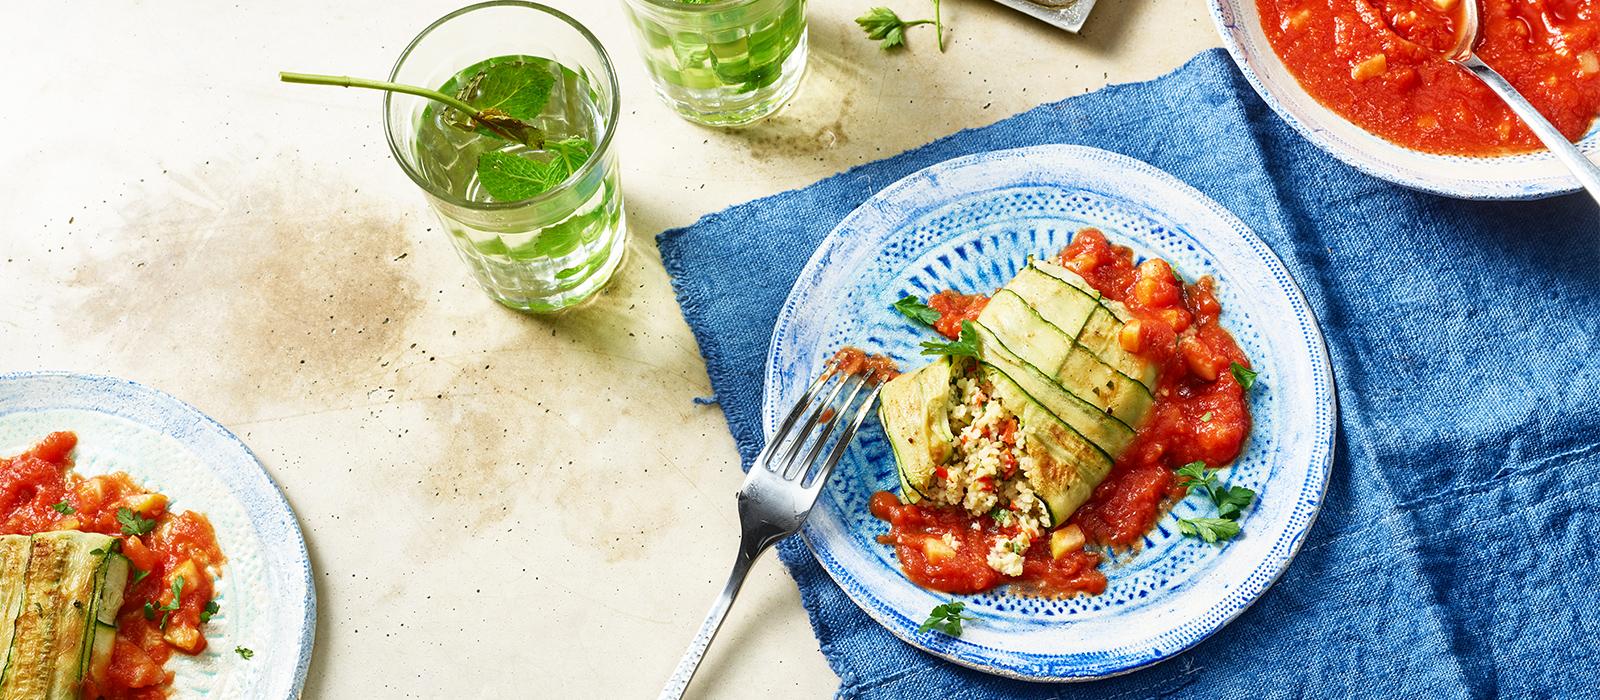 Rezept für gefüllte Zucchini-Päckchen mir Brunch